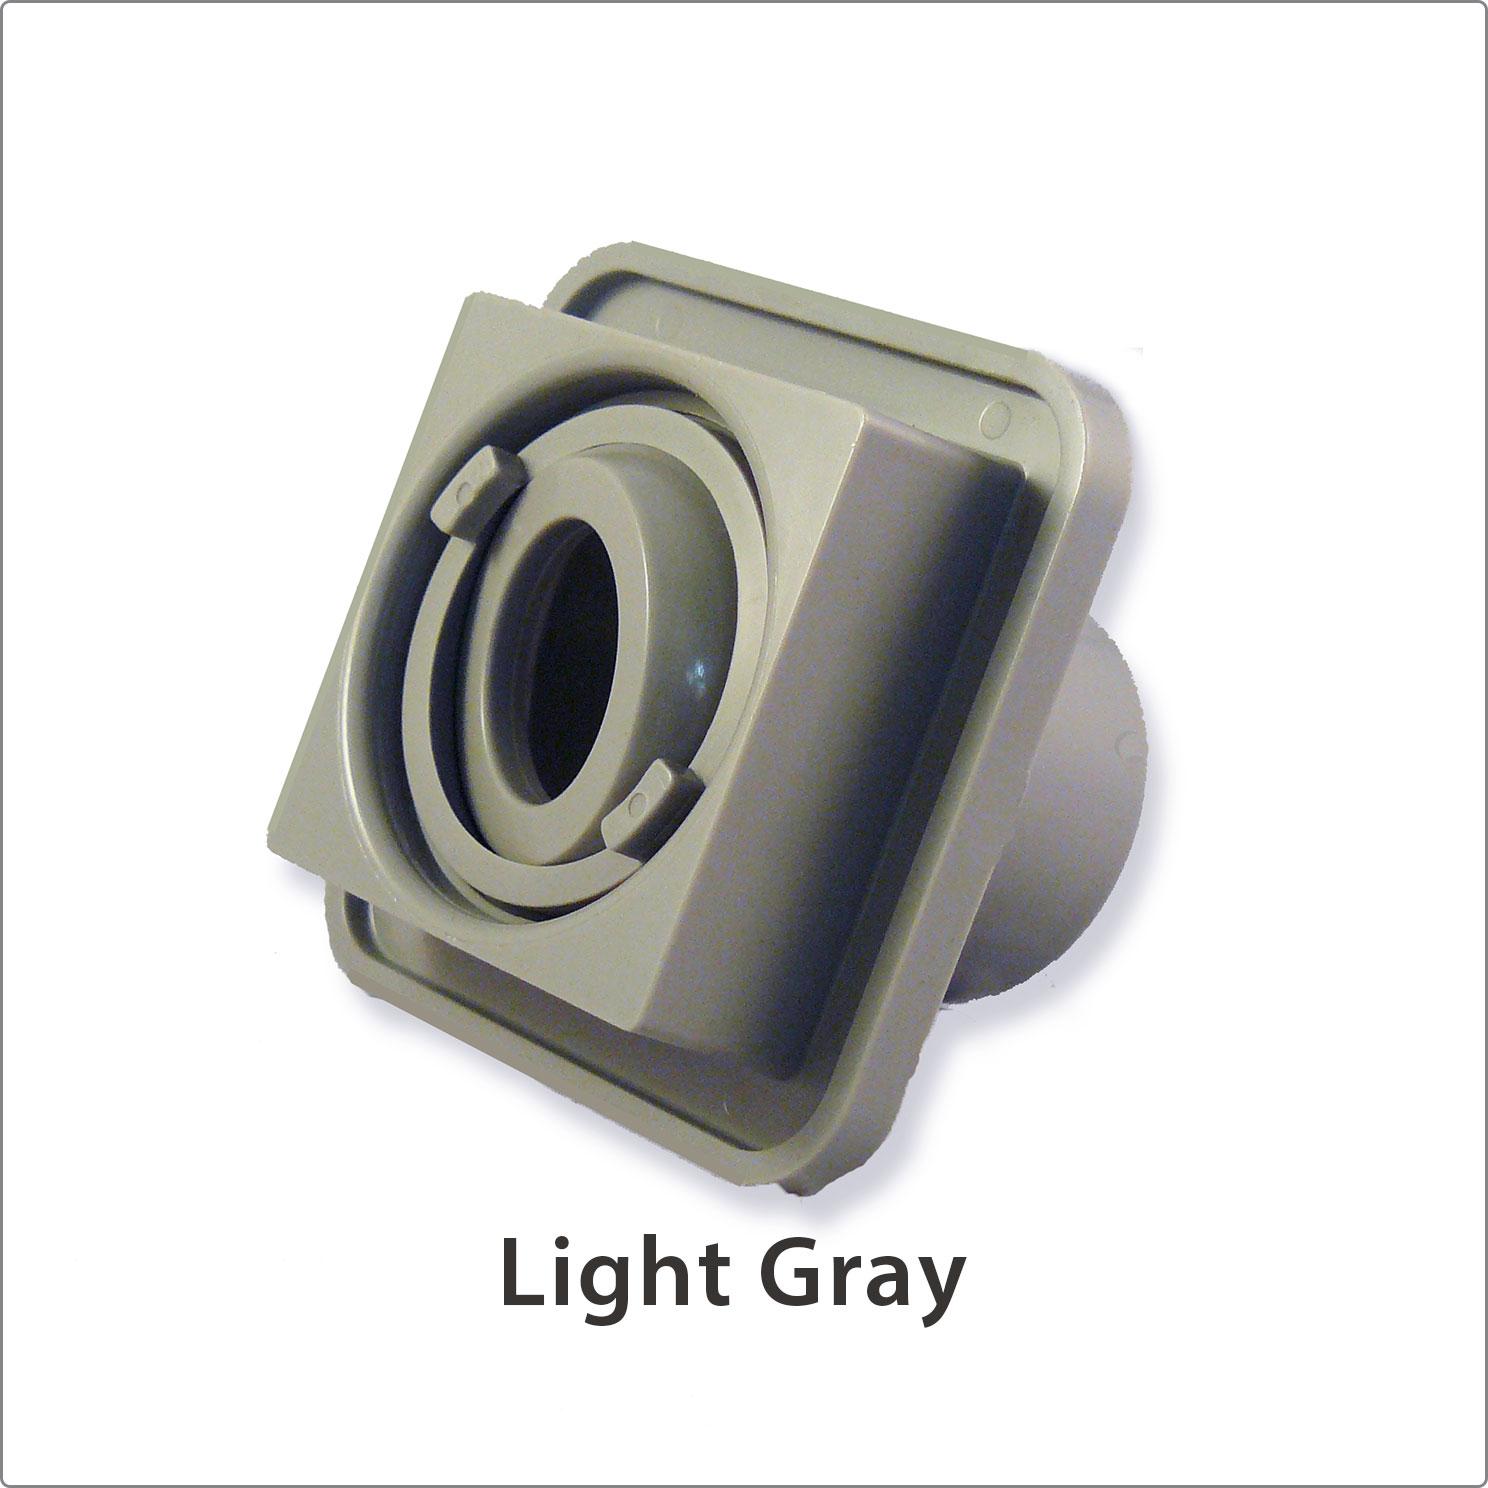 Square-Flush-Mount-Light-Gray.jpg